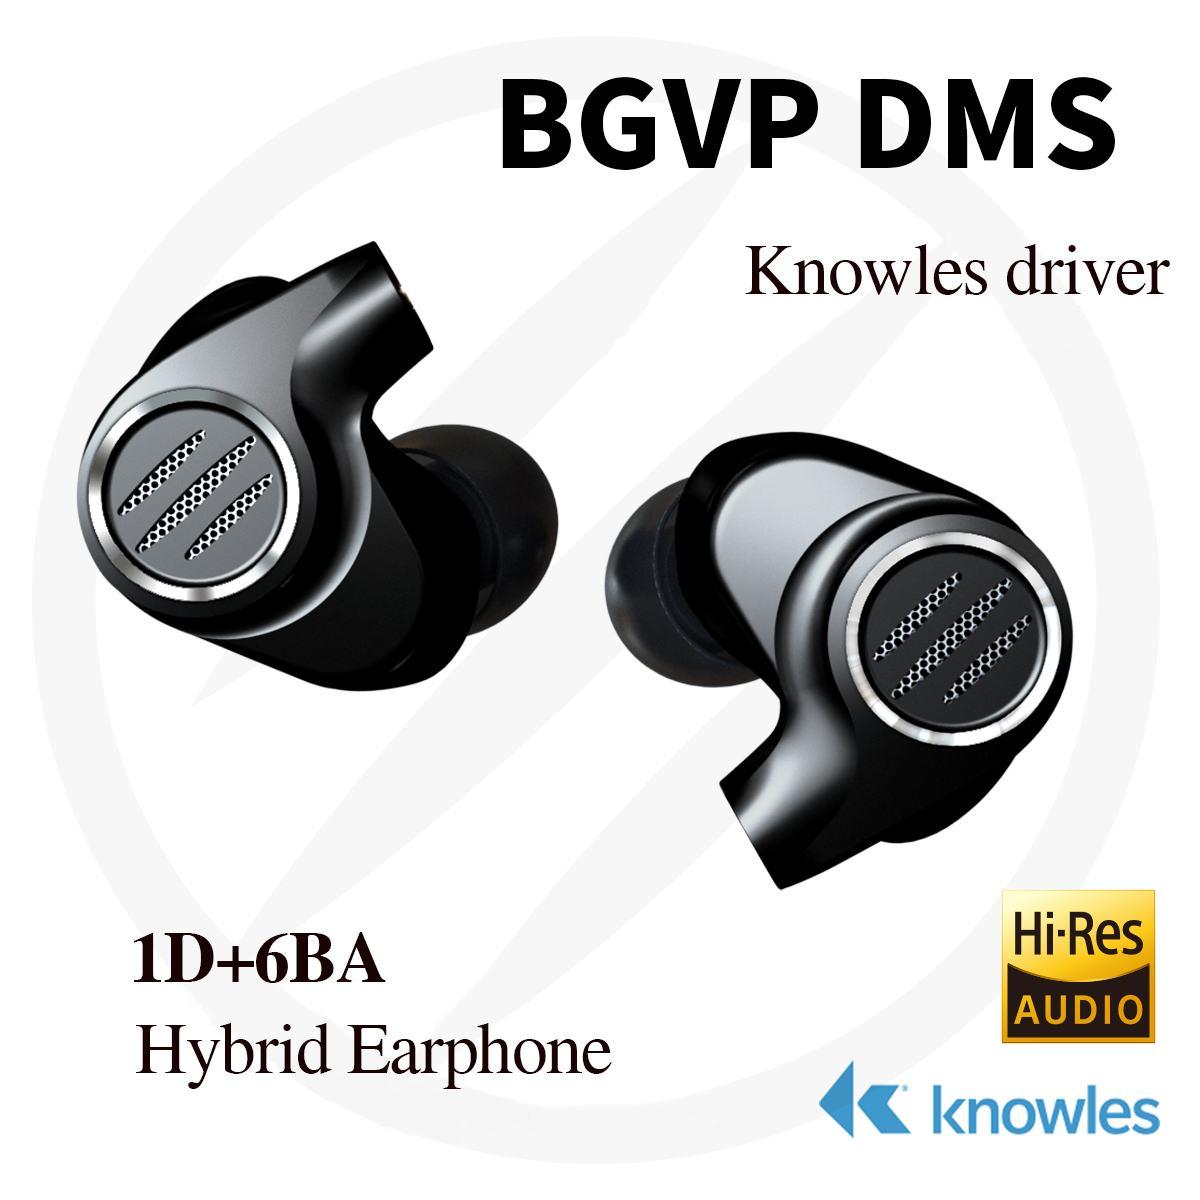 BGVP DMS 6BA + 1D hybride écouteurs Knowles SWFK-3176 + BGVP dans l'oreille moniteur écouteur personnalisé HiFi écouteurs IEM